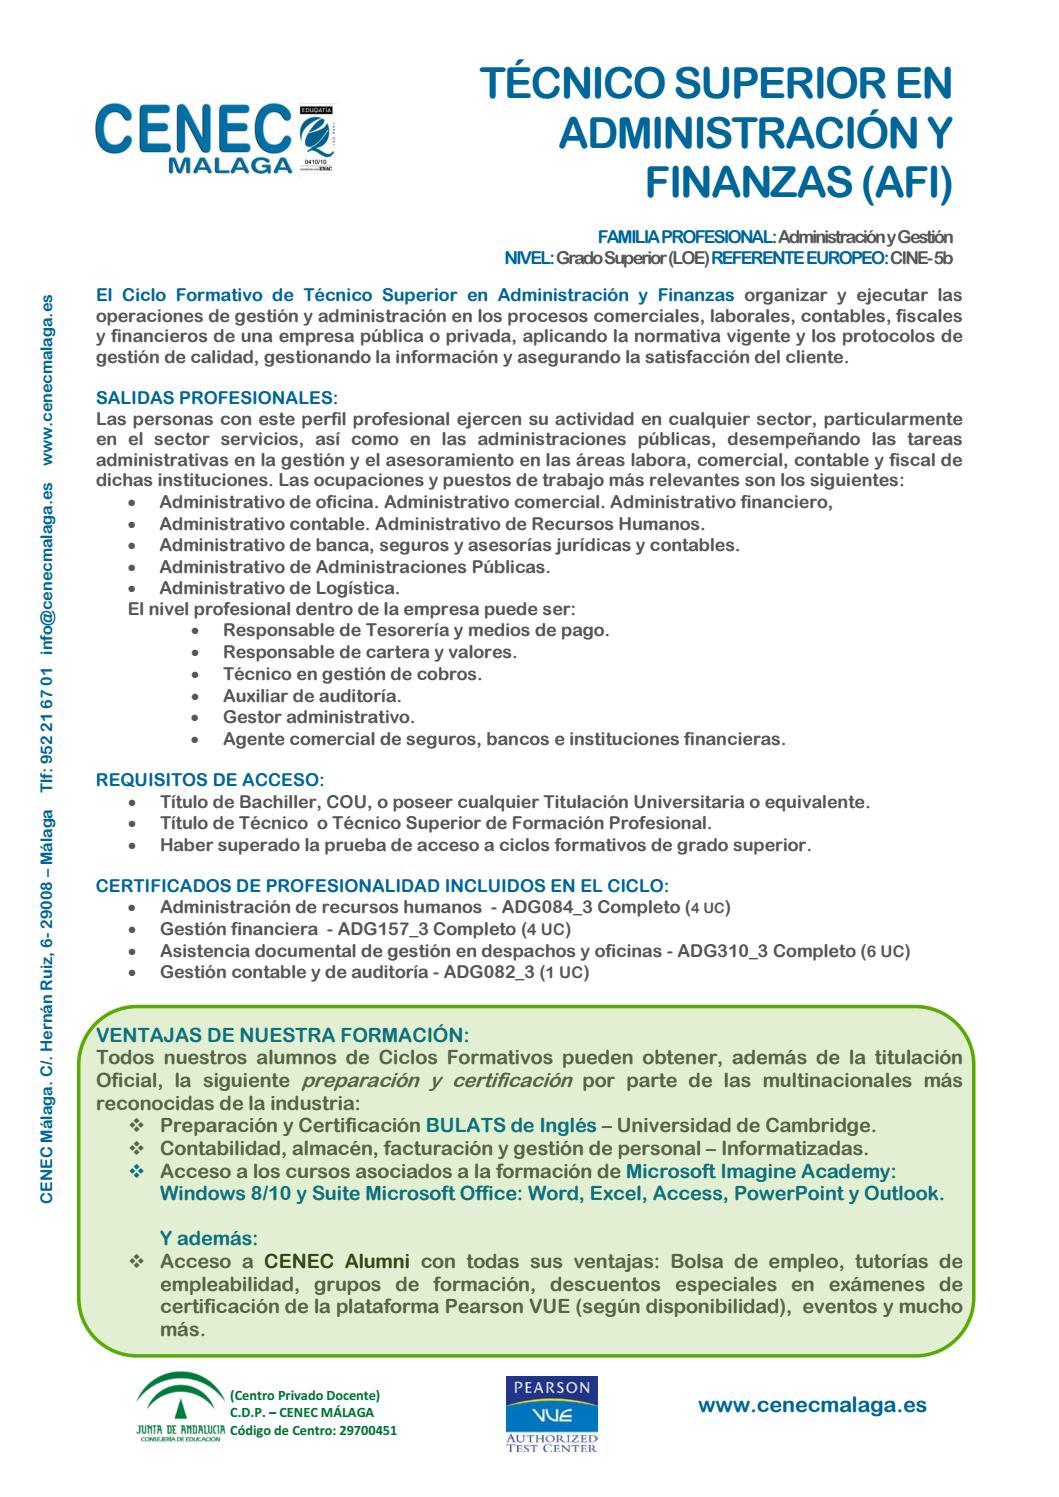 Afi Administración Y Finanzas 2016 17 By Cenec Málaga Issuu